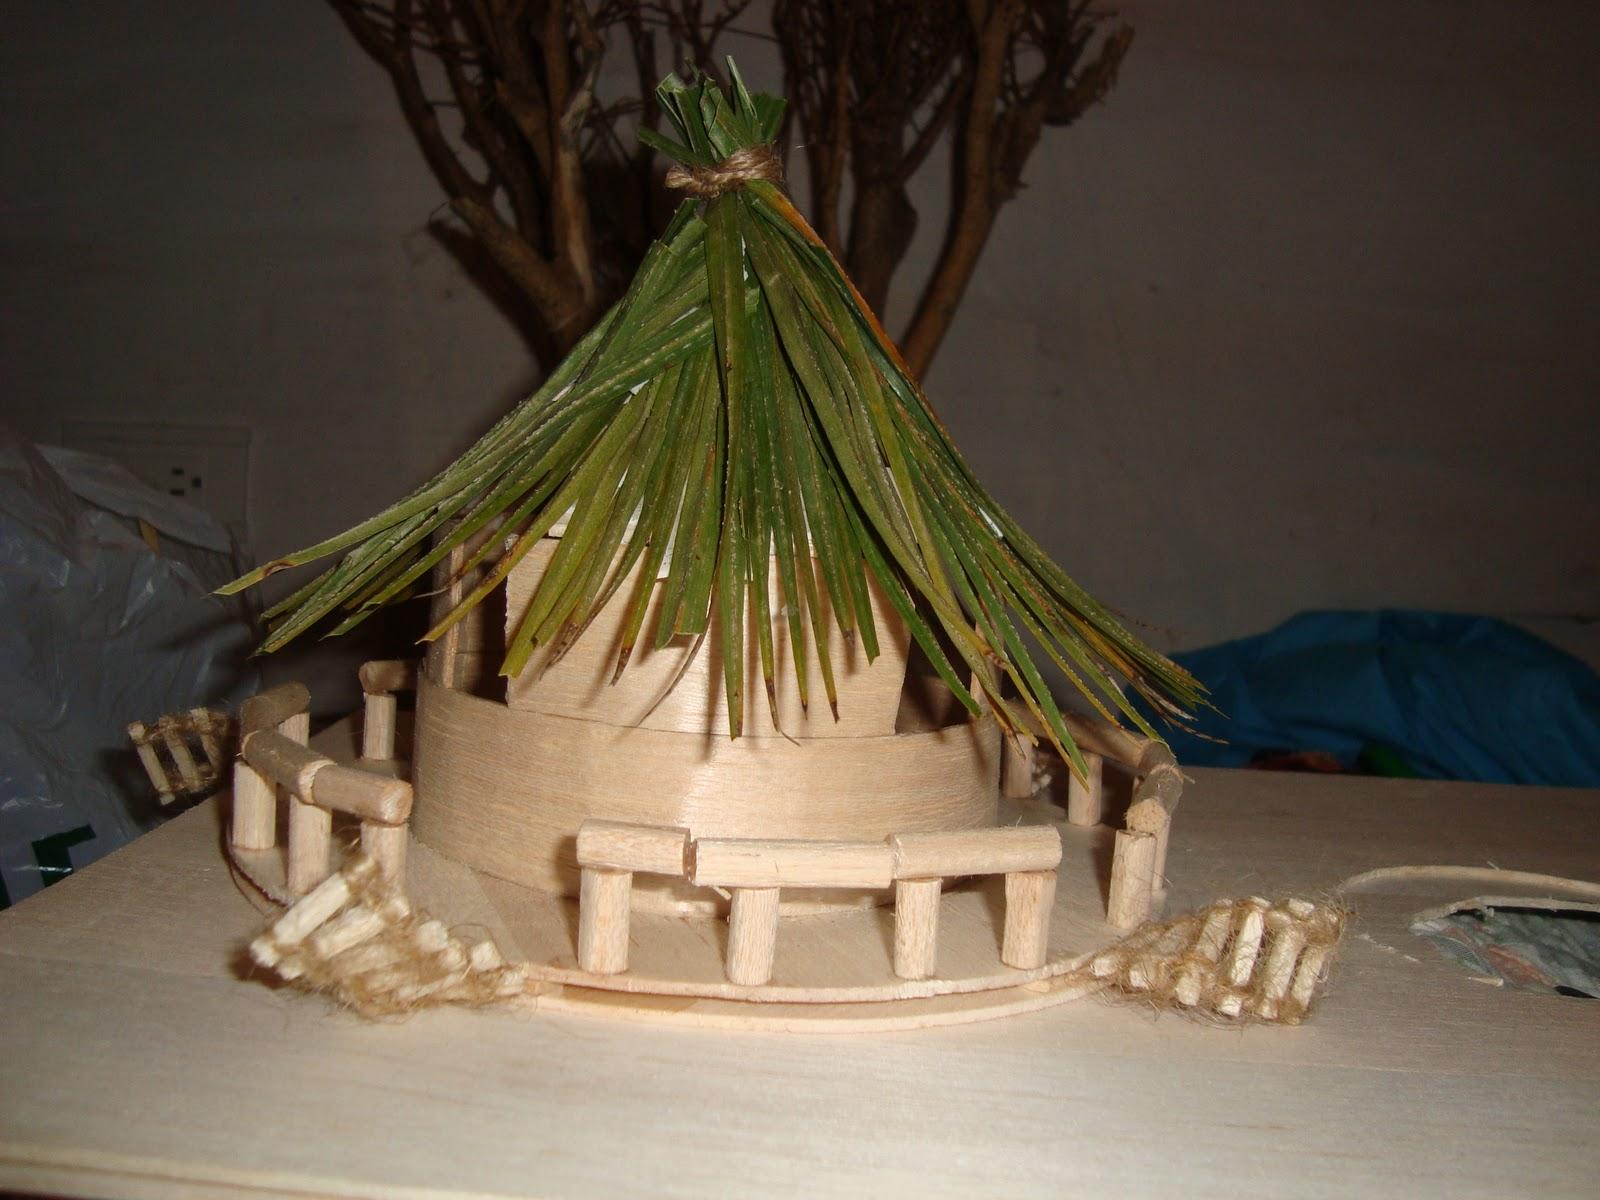 Pl stica y escultura anita sarabia maqueta casa del arbol for Partes del techo de una casa